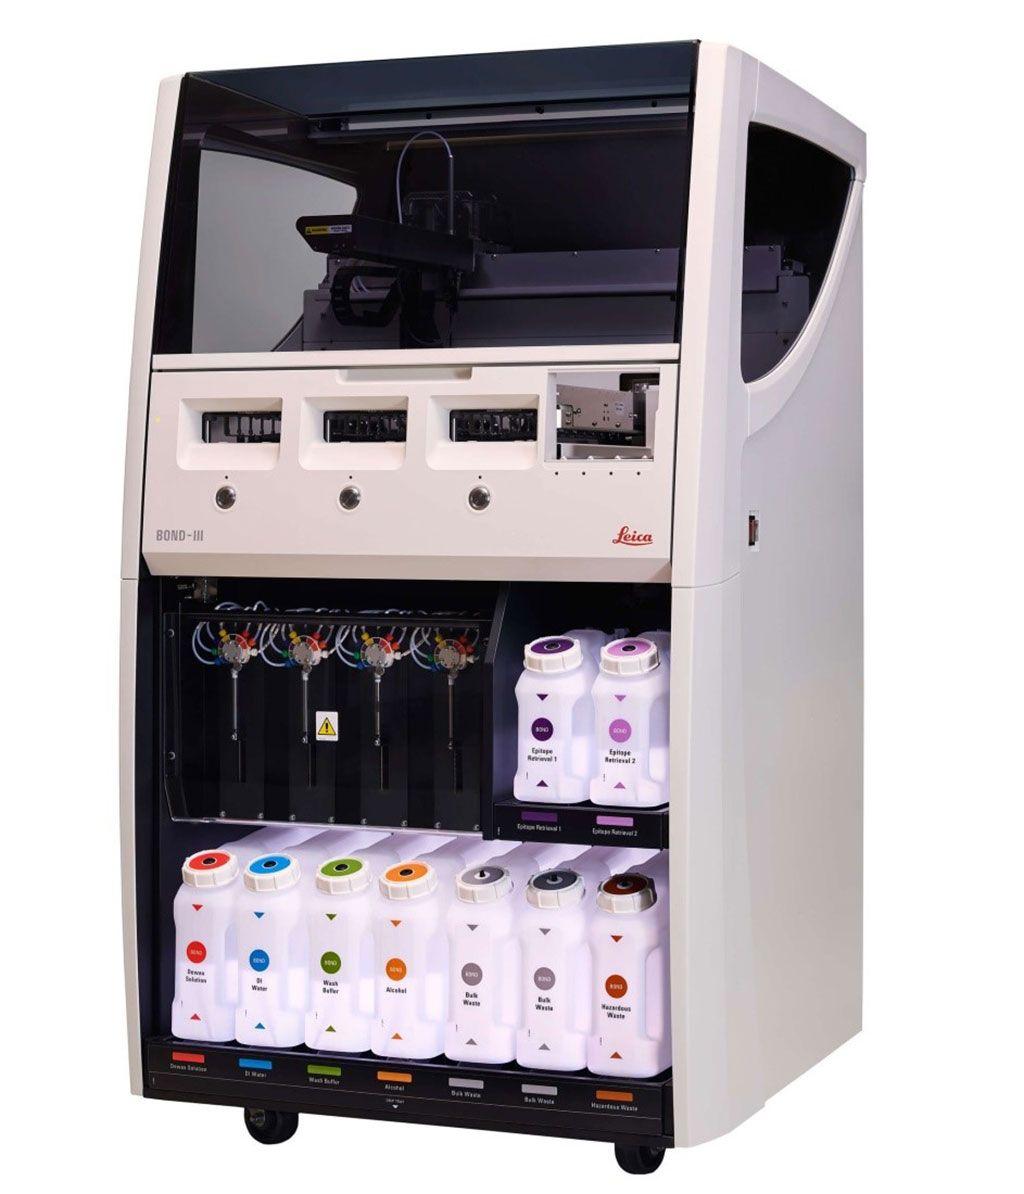 Imagen: Un sistema de inmunocoloración automático Leica BOND-III (Fotografía cortesía de Leica Biosystems)